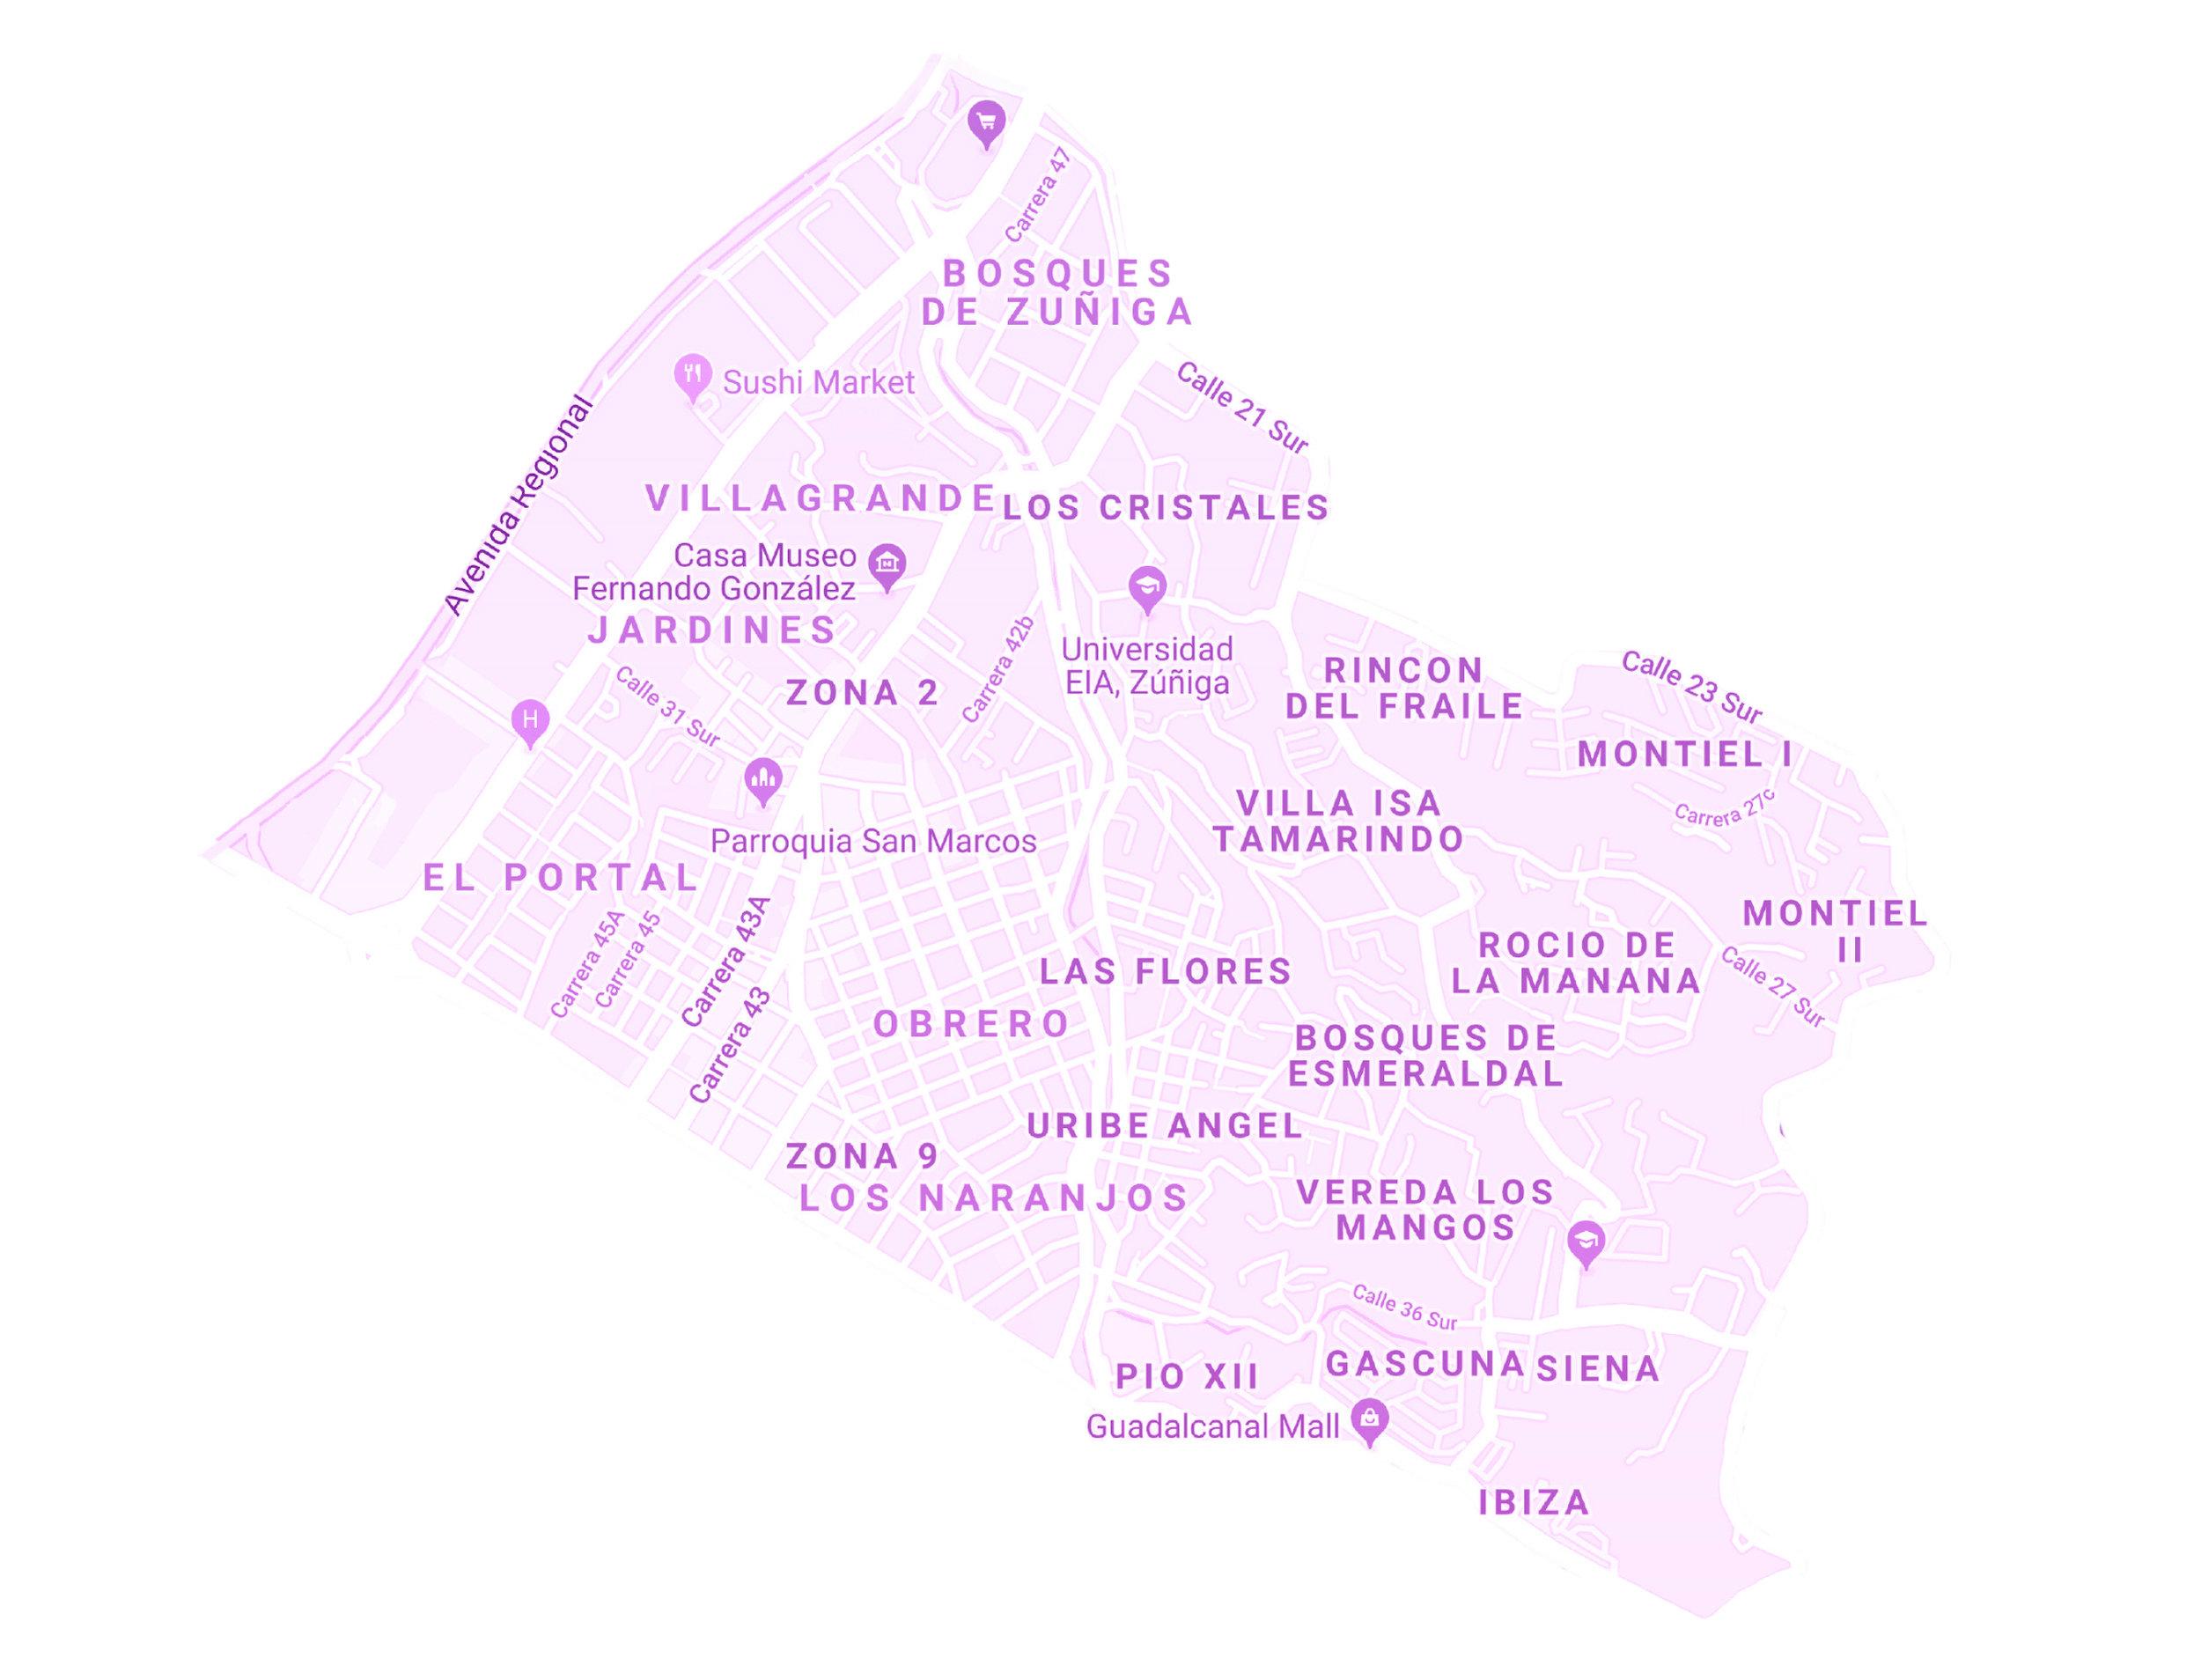 ZONA ENVIGADO 2 - ESCOBERO    BARRIOS:  EL PORTAL, LOS NARANJOS, PIO XII,IBIZA, GASCUÑA, LOS MANGOS, URIBE ANGEL, OBRERO, BOSQUES DE ESMERALDAL, LAS FLORES, VILLA ISA, JARDINES, VILLA GRANDE, LOS CRISTALES, ZUÑIGA.